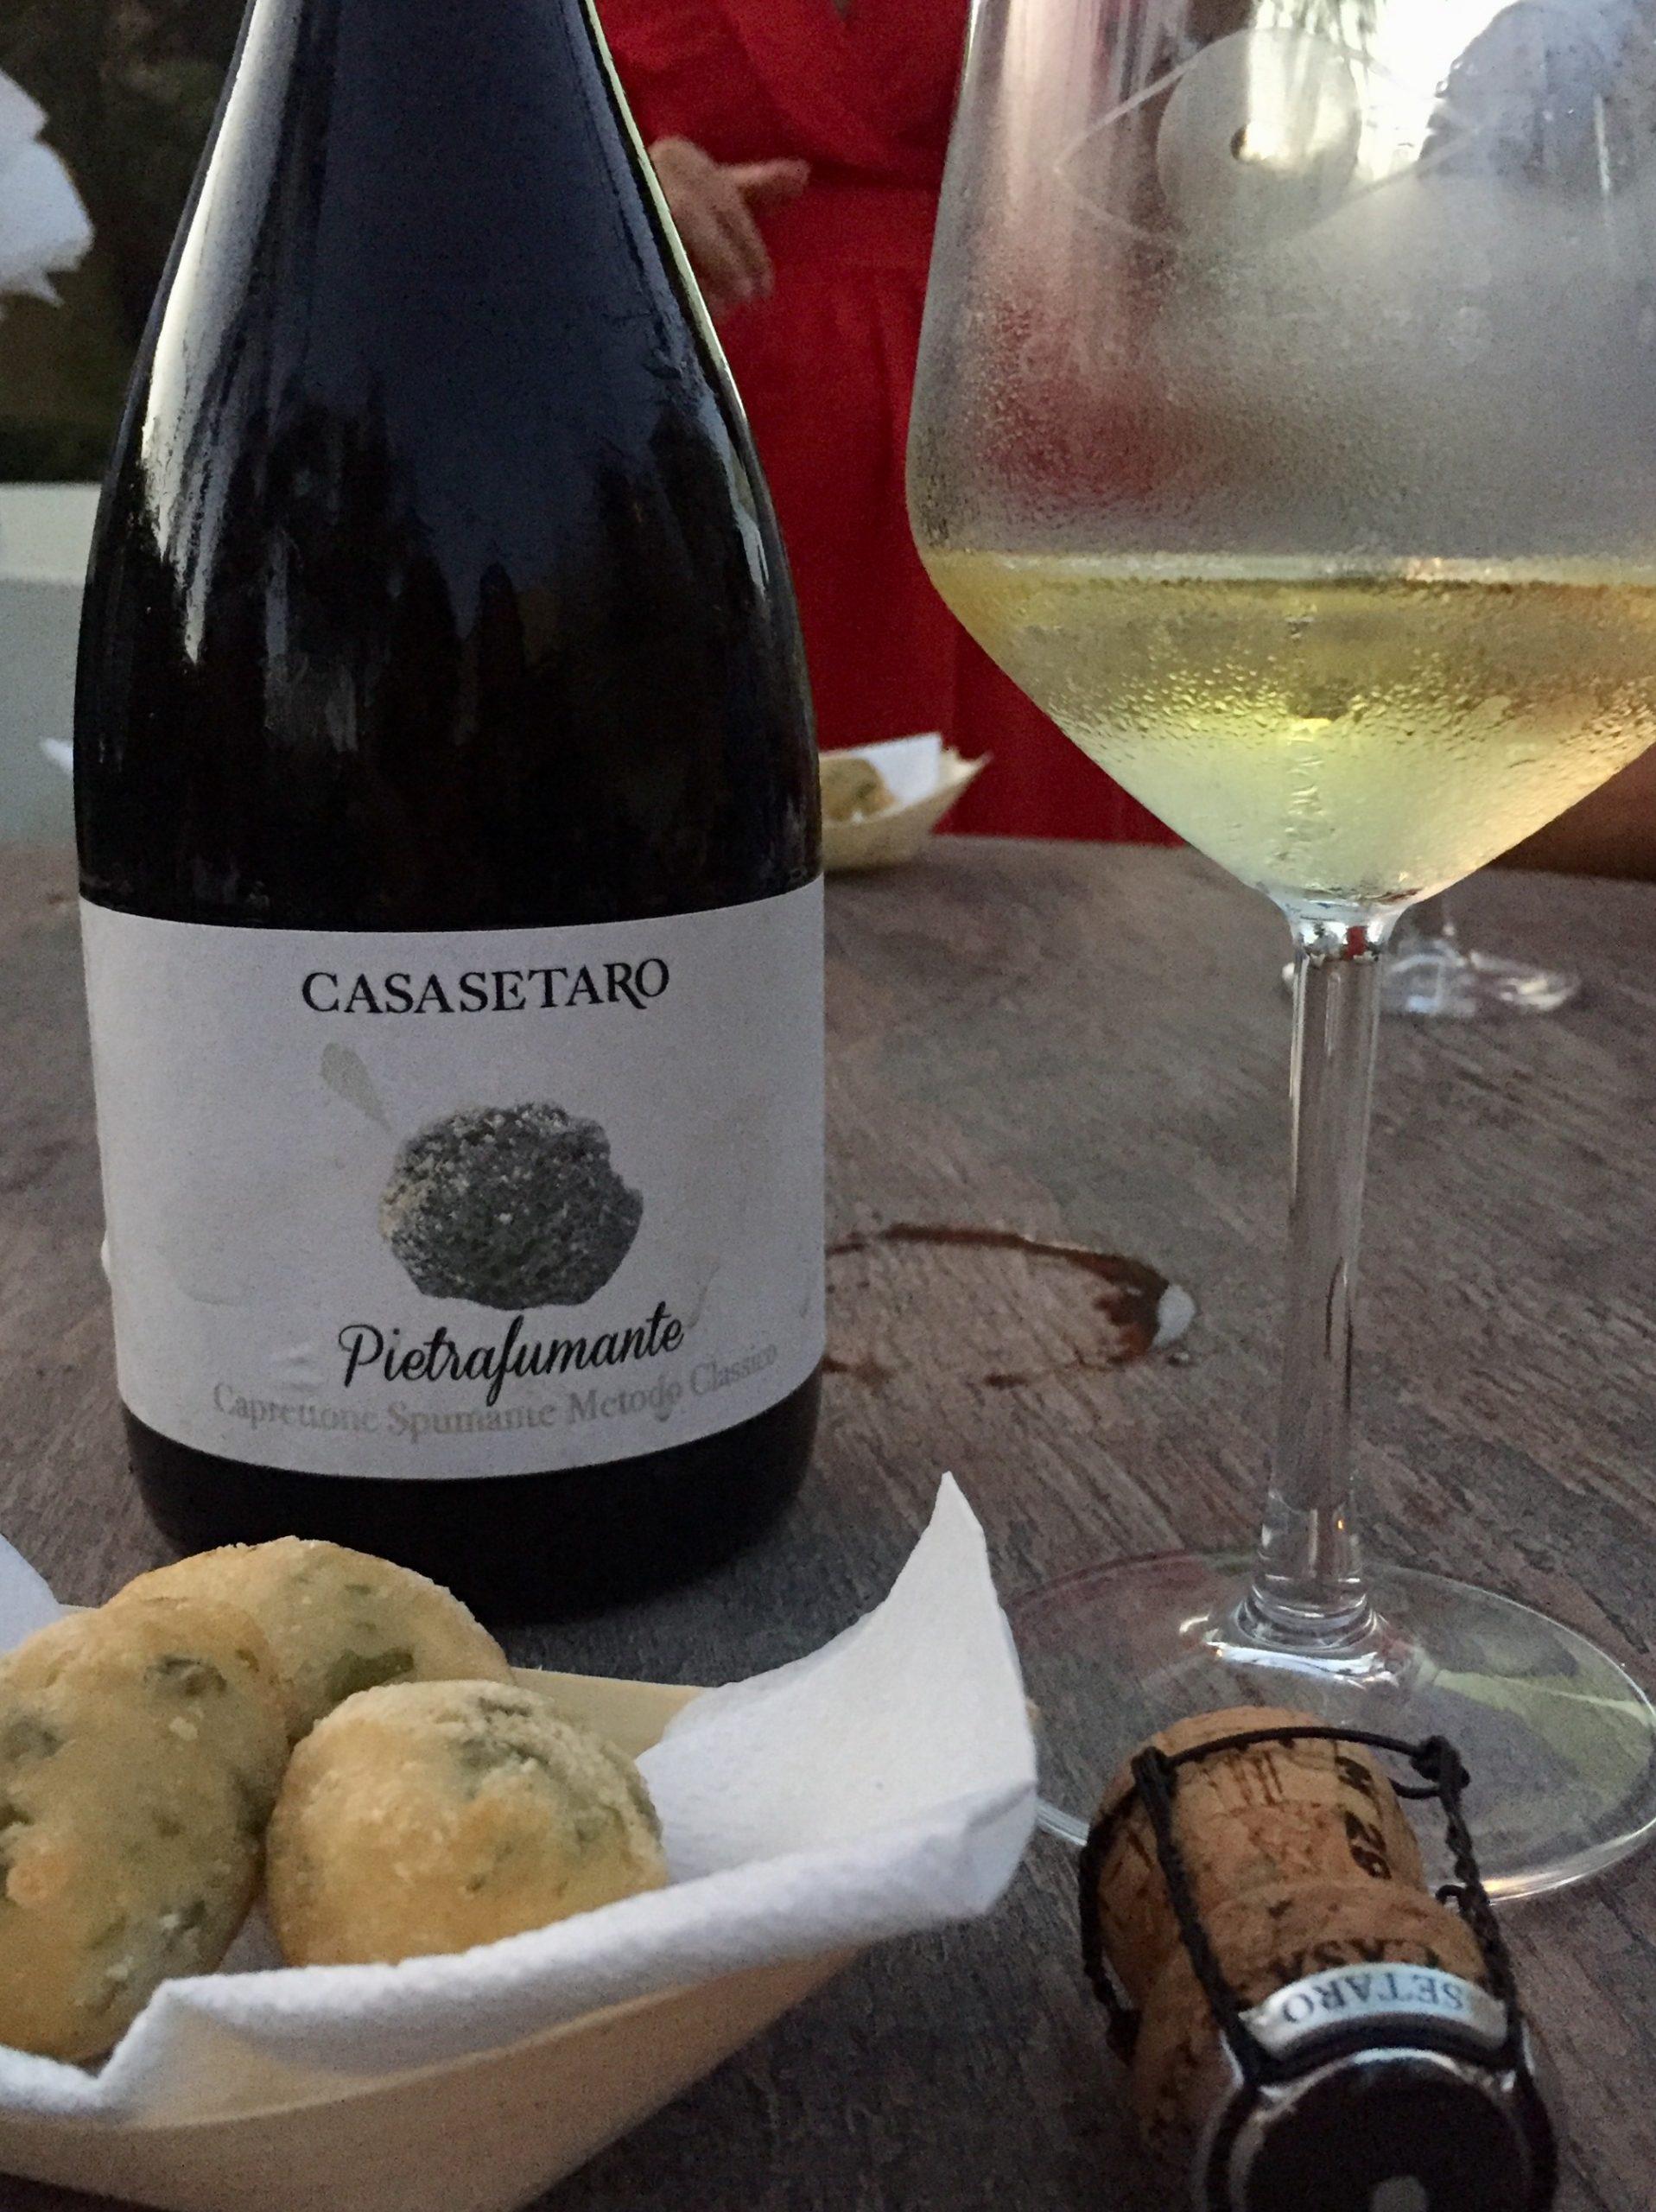 Casa Setaro, Pietrafumante, primo metodo classico da caprettone del Vesuvio vini campani